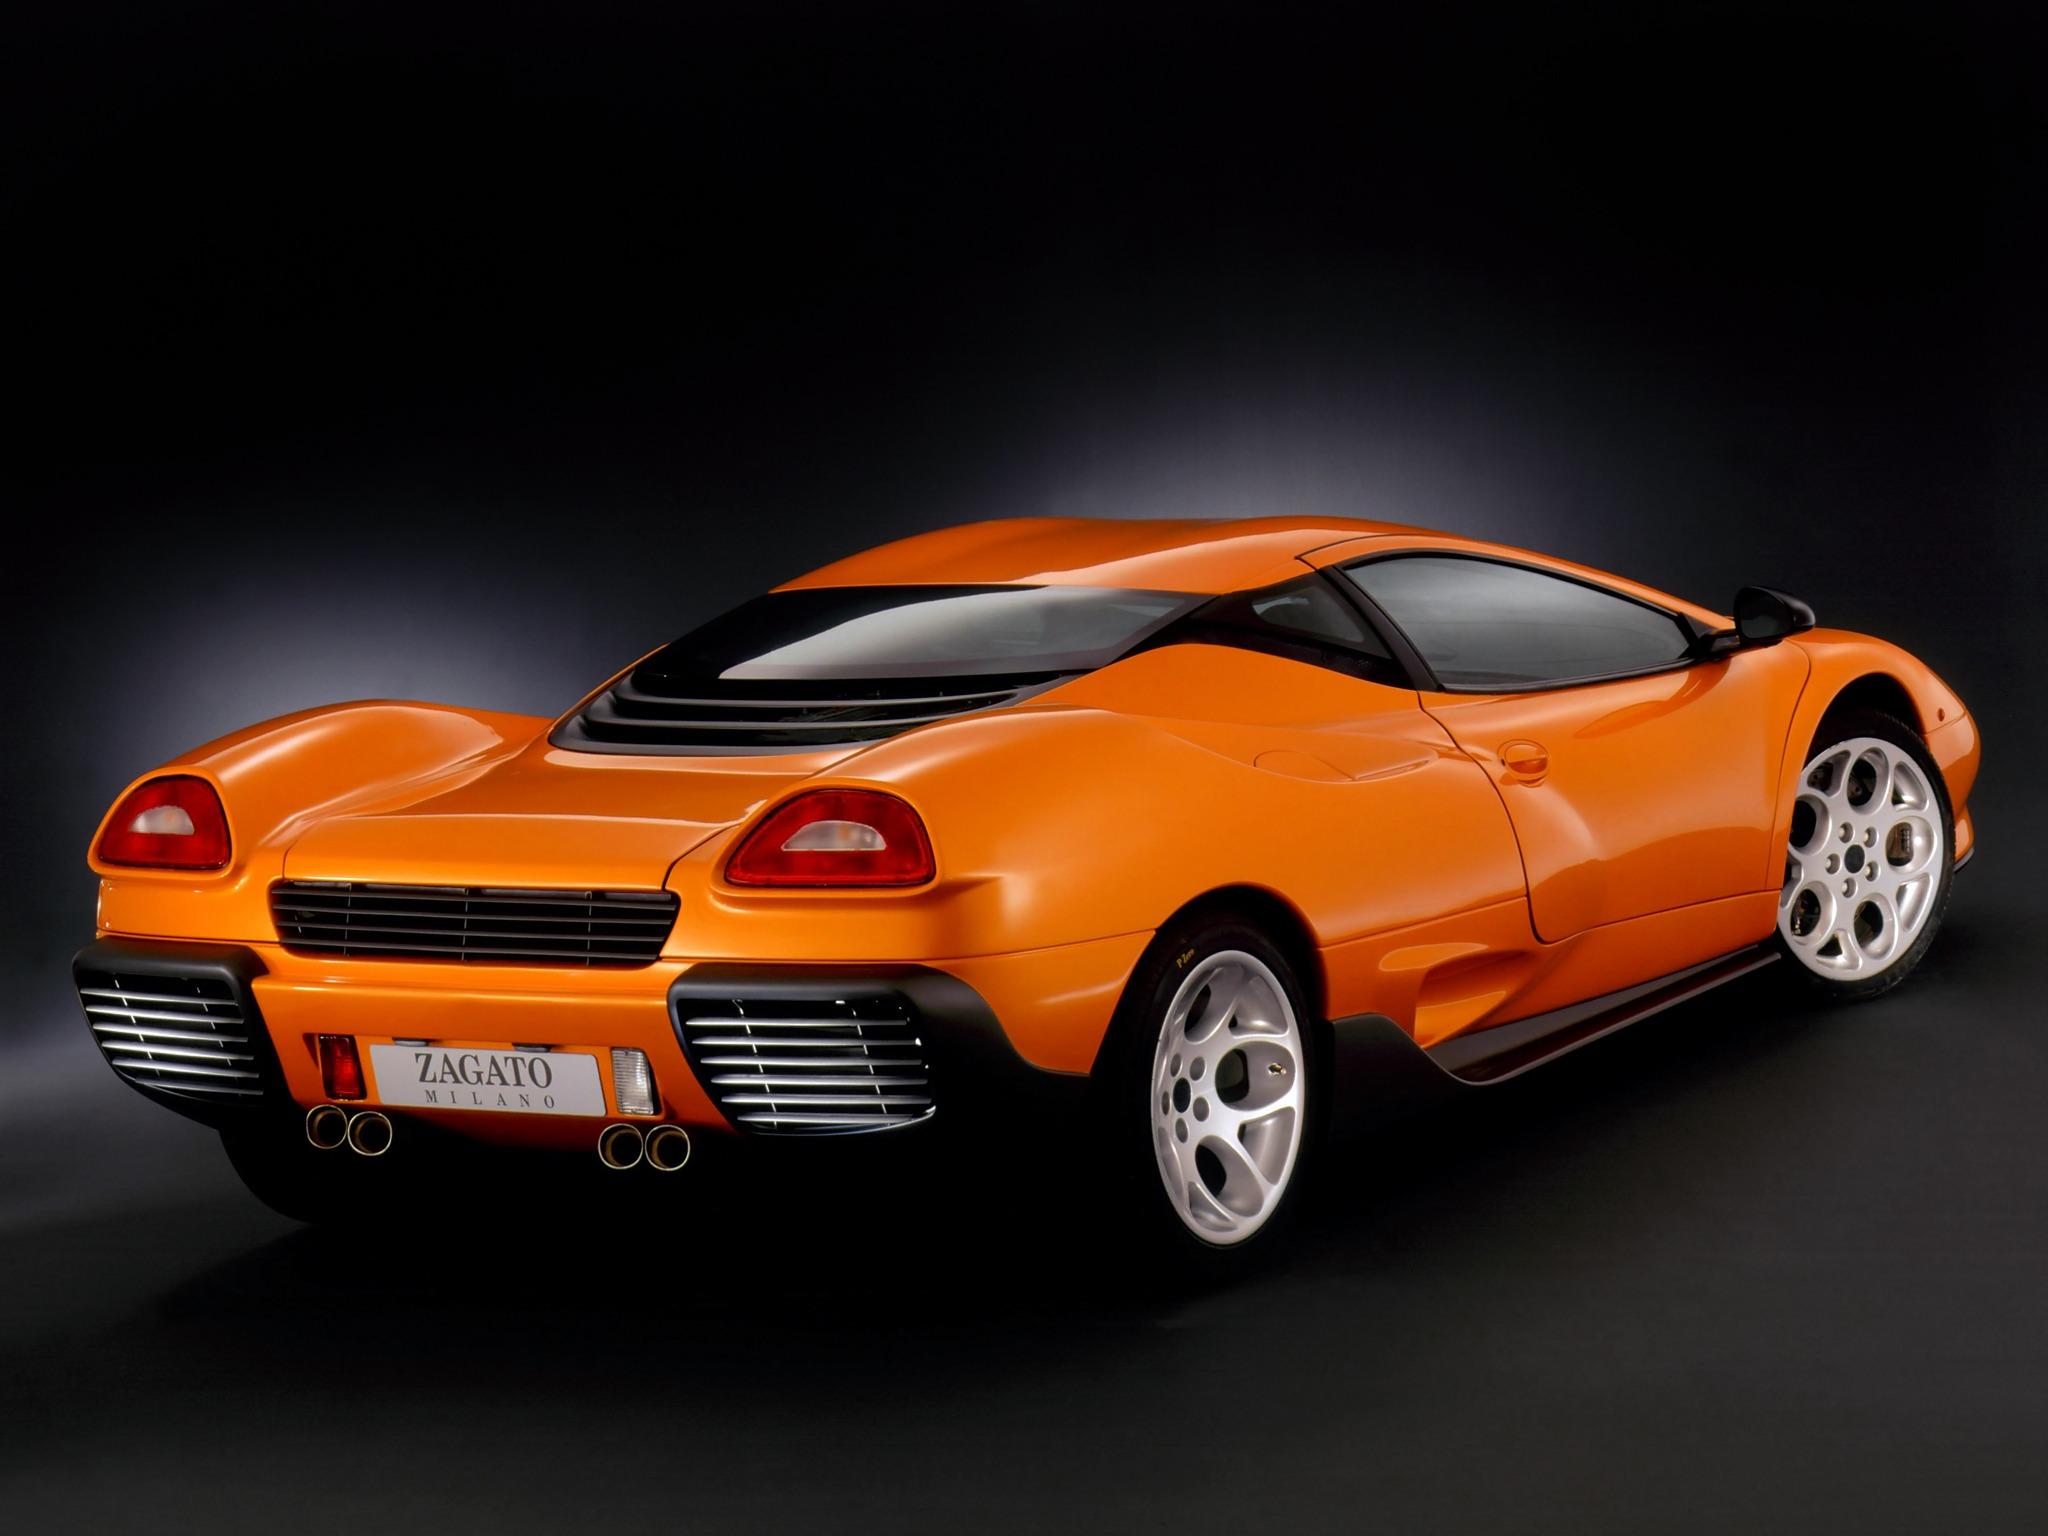 1999_Zagato_Lamborghini_L147_Canto_05